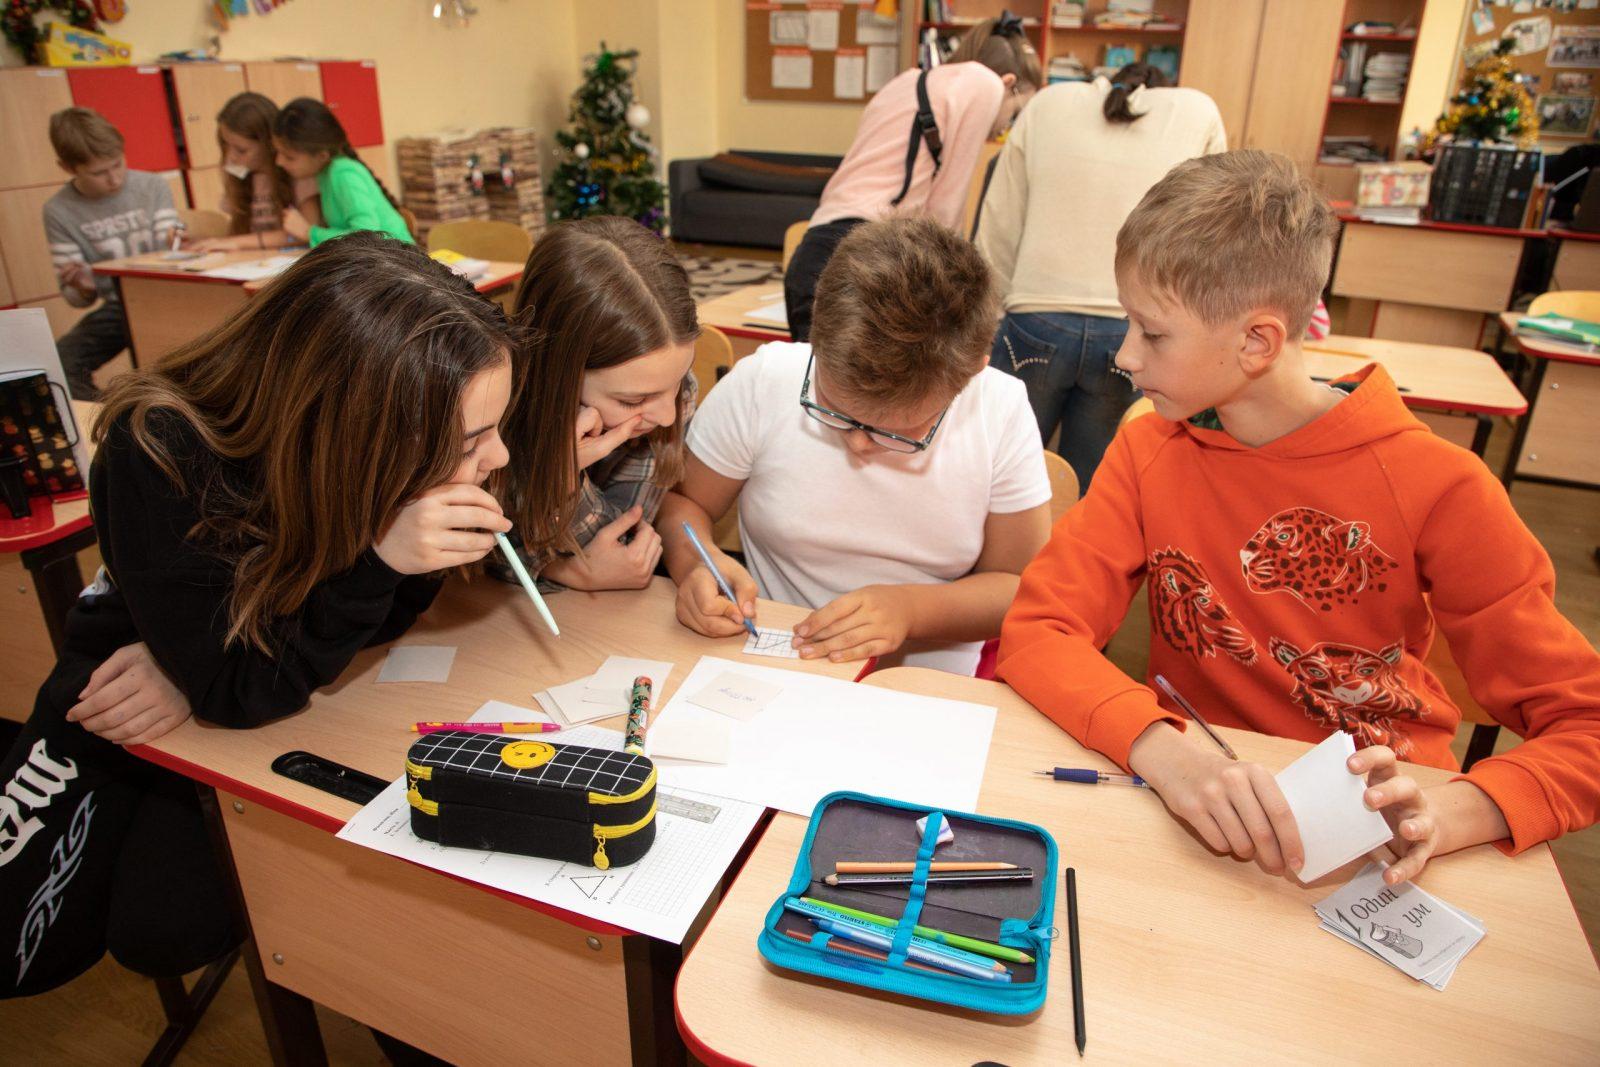 С 30 ноября по 4 декабря в школе «Лидеры» проходила неделя точных наук.